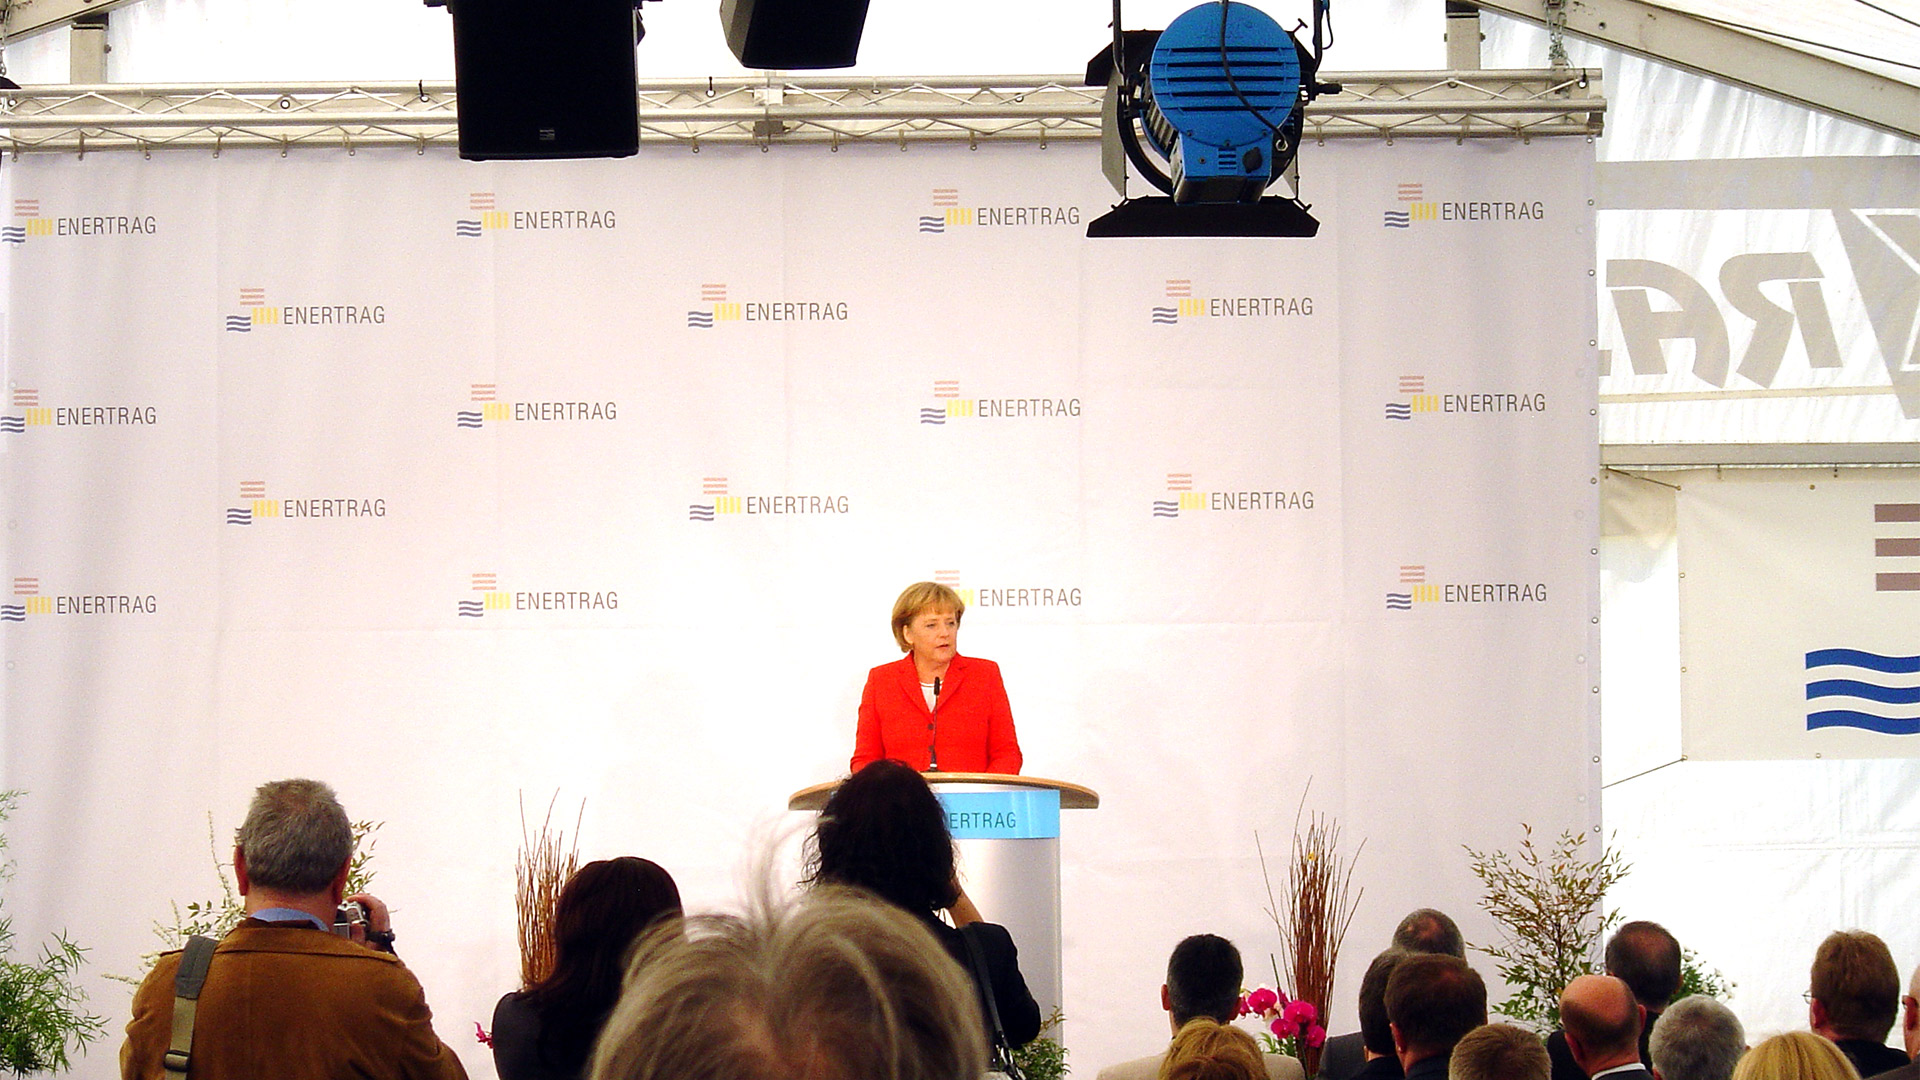 Kanzlerin-Angela-Merkel-Bühnebanner-Enertrag-Matti-Michalke-Berlin-Brandenburg-Aussenwerbung-Innenwerbung-Banner-Planen-Folien-Werbemittel-Druck-Print